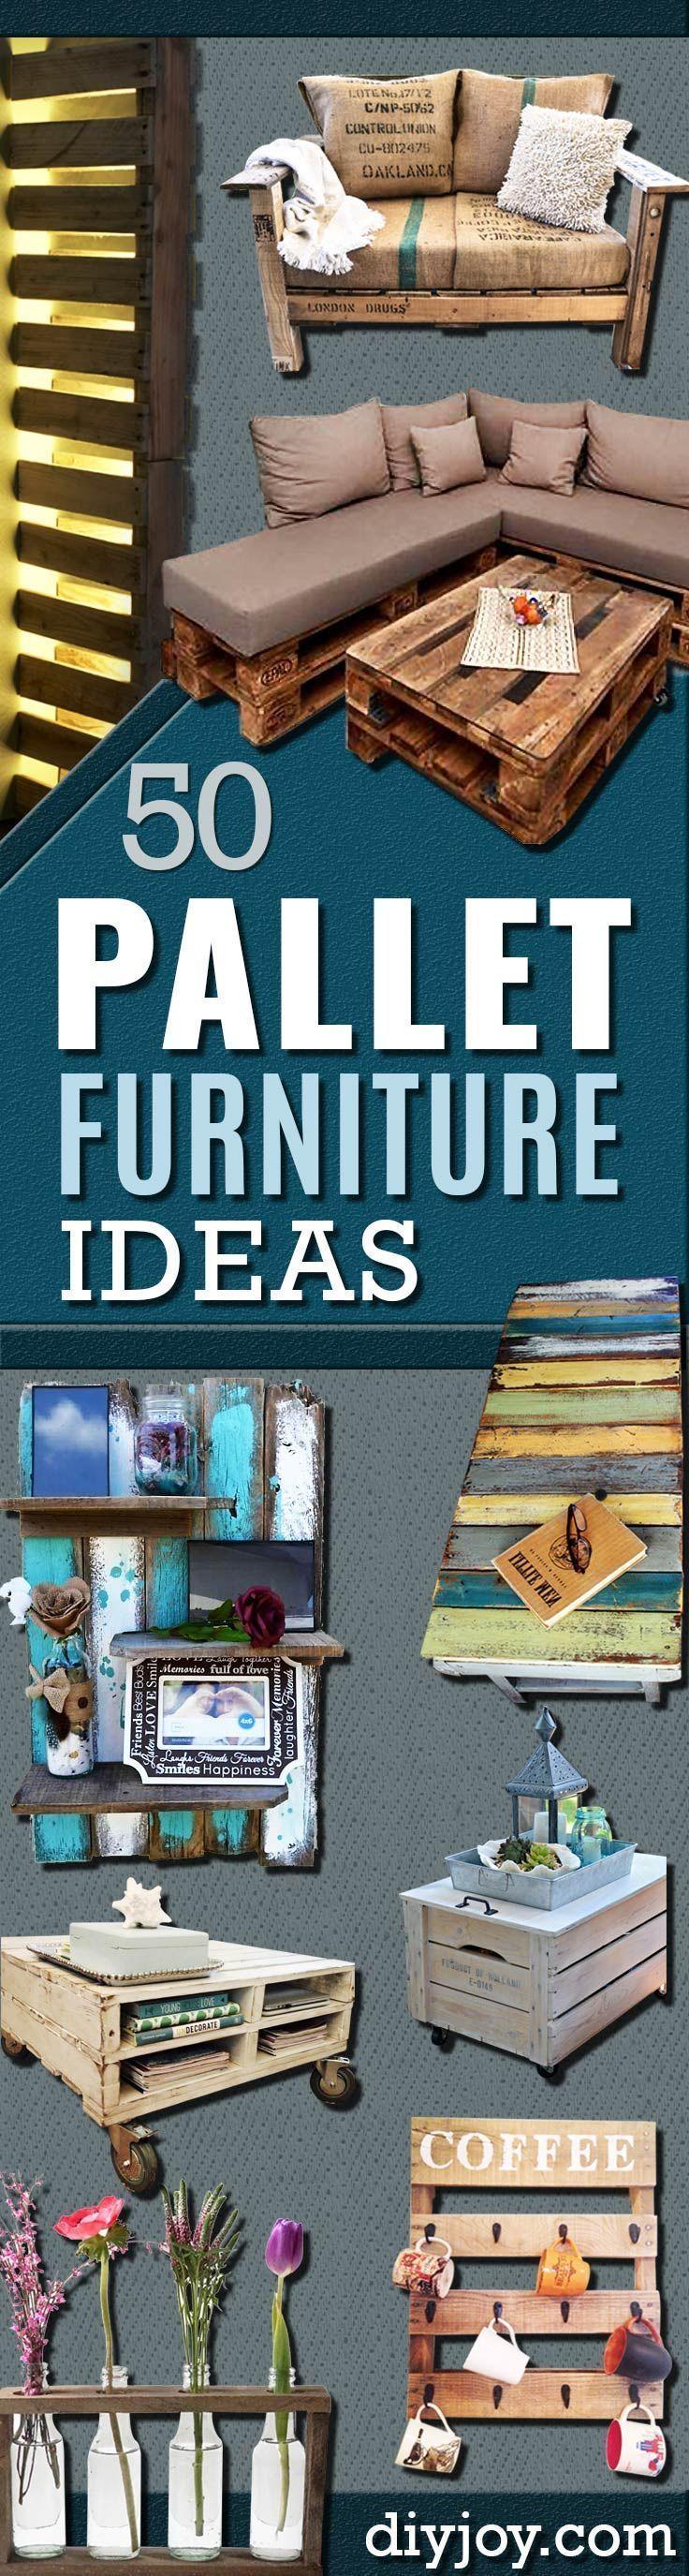 Best 25 Table shelves ideas on Pinterest